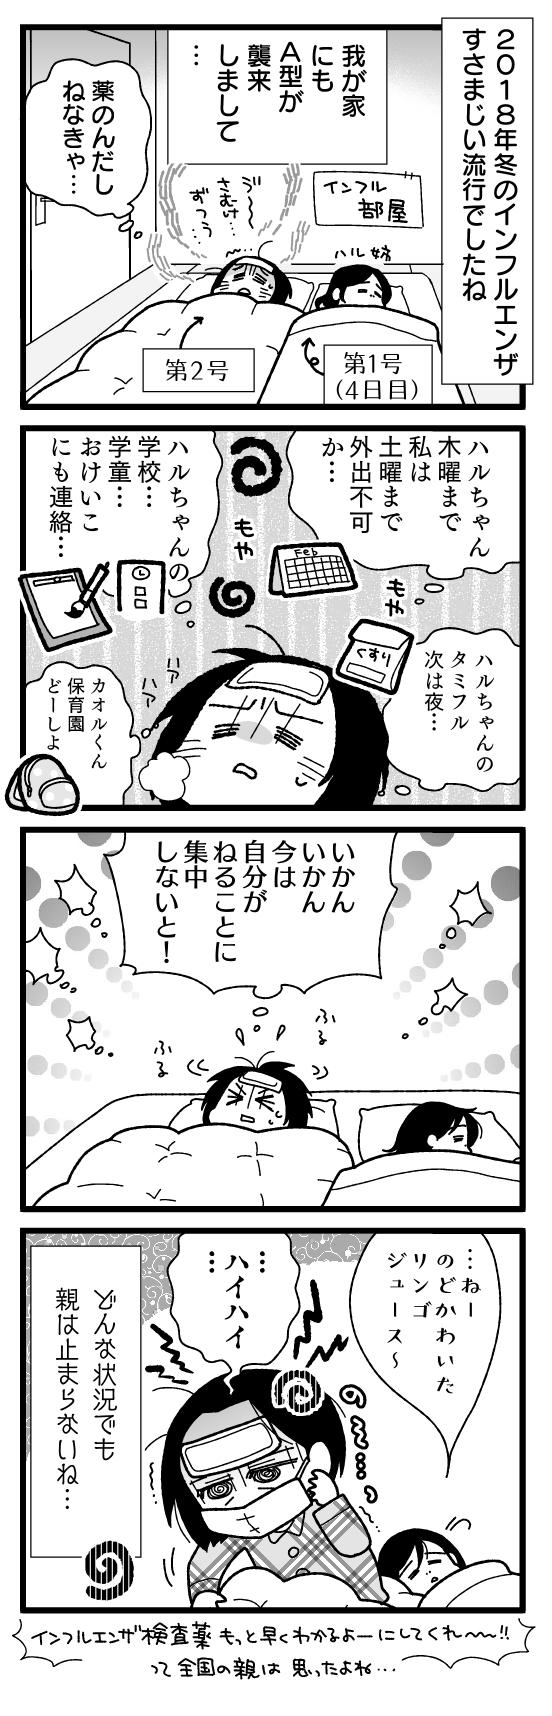 漫画『怒涛のにゅーじヨージ』Vol.194「インフルエンザのバカヤロー!①」 1コマ目